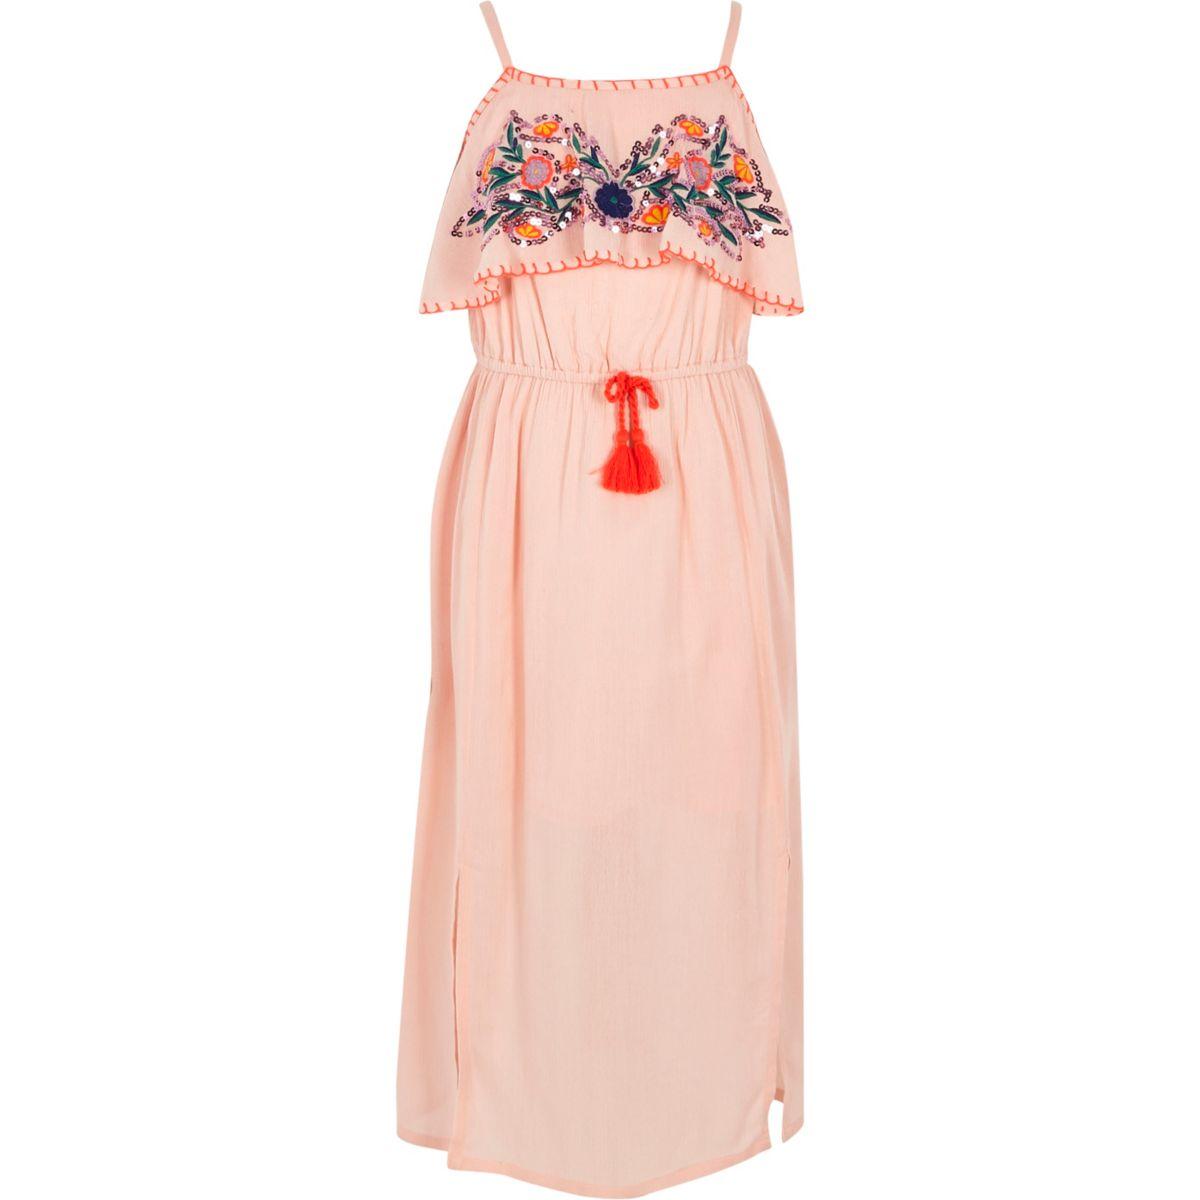 Robe longue rose brodée de sequins pour fille